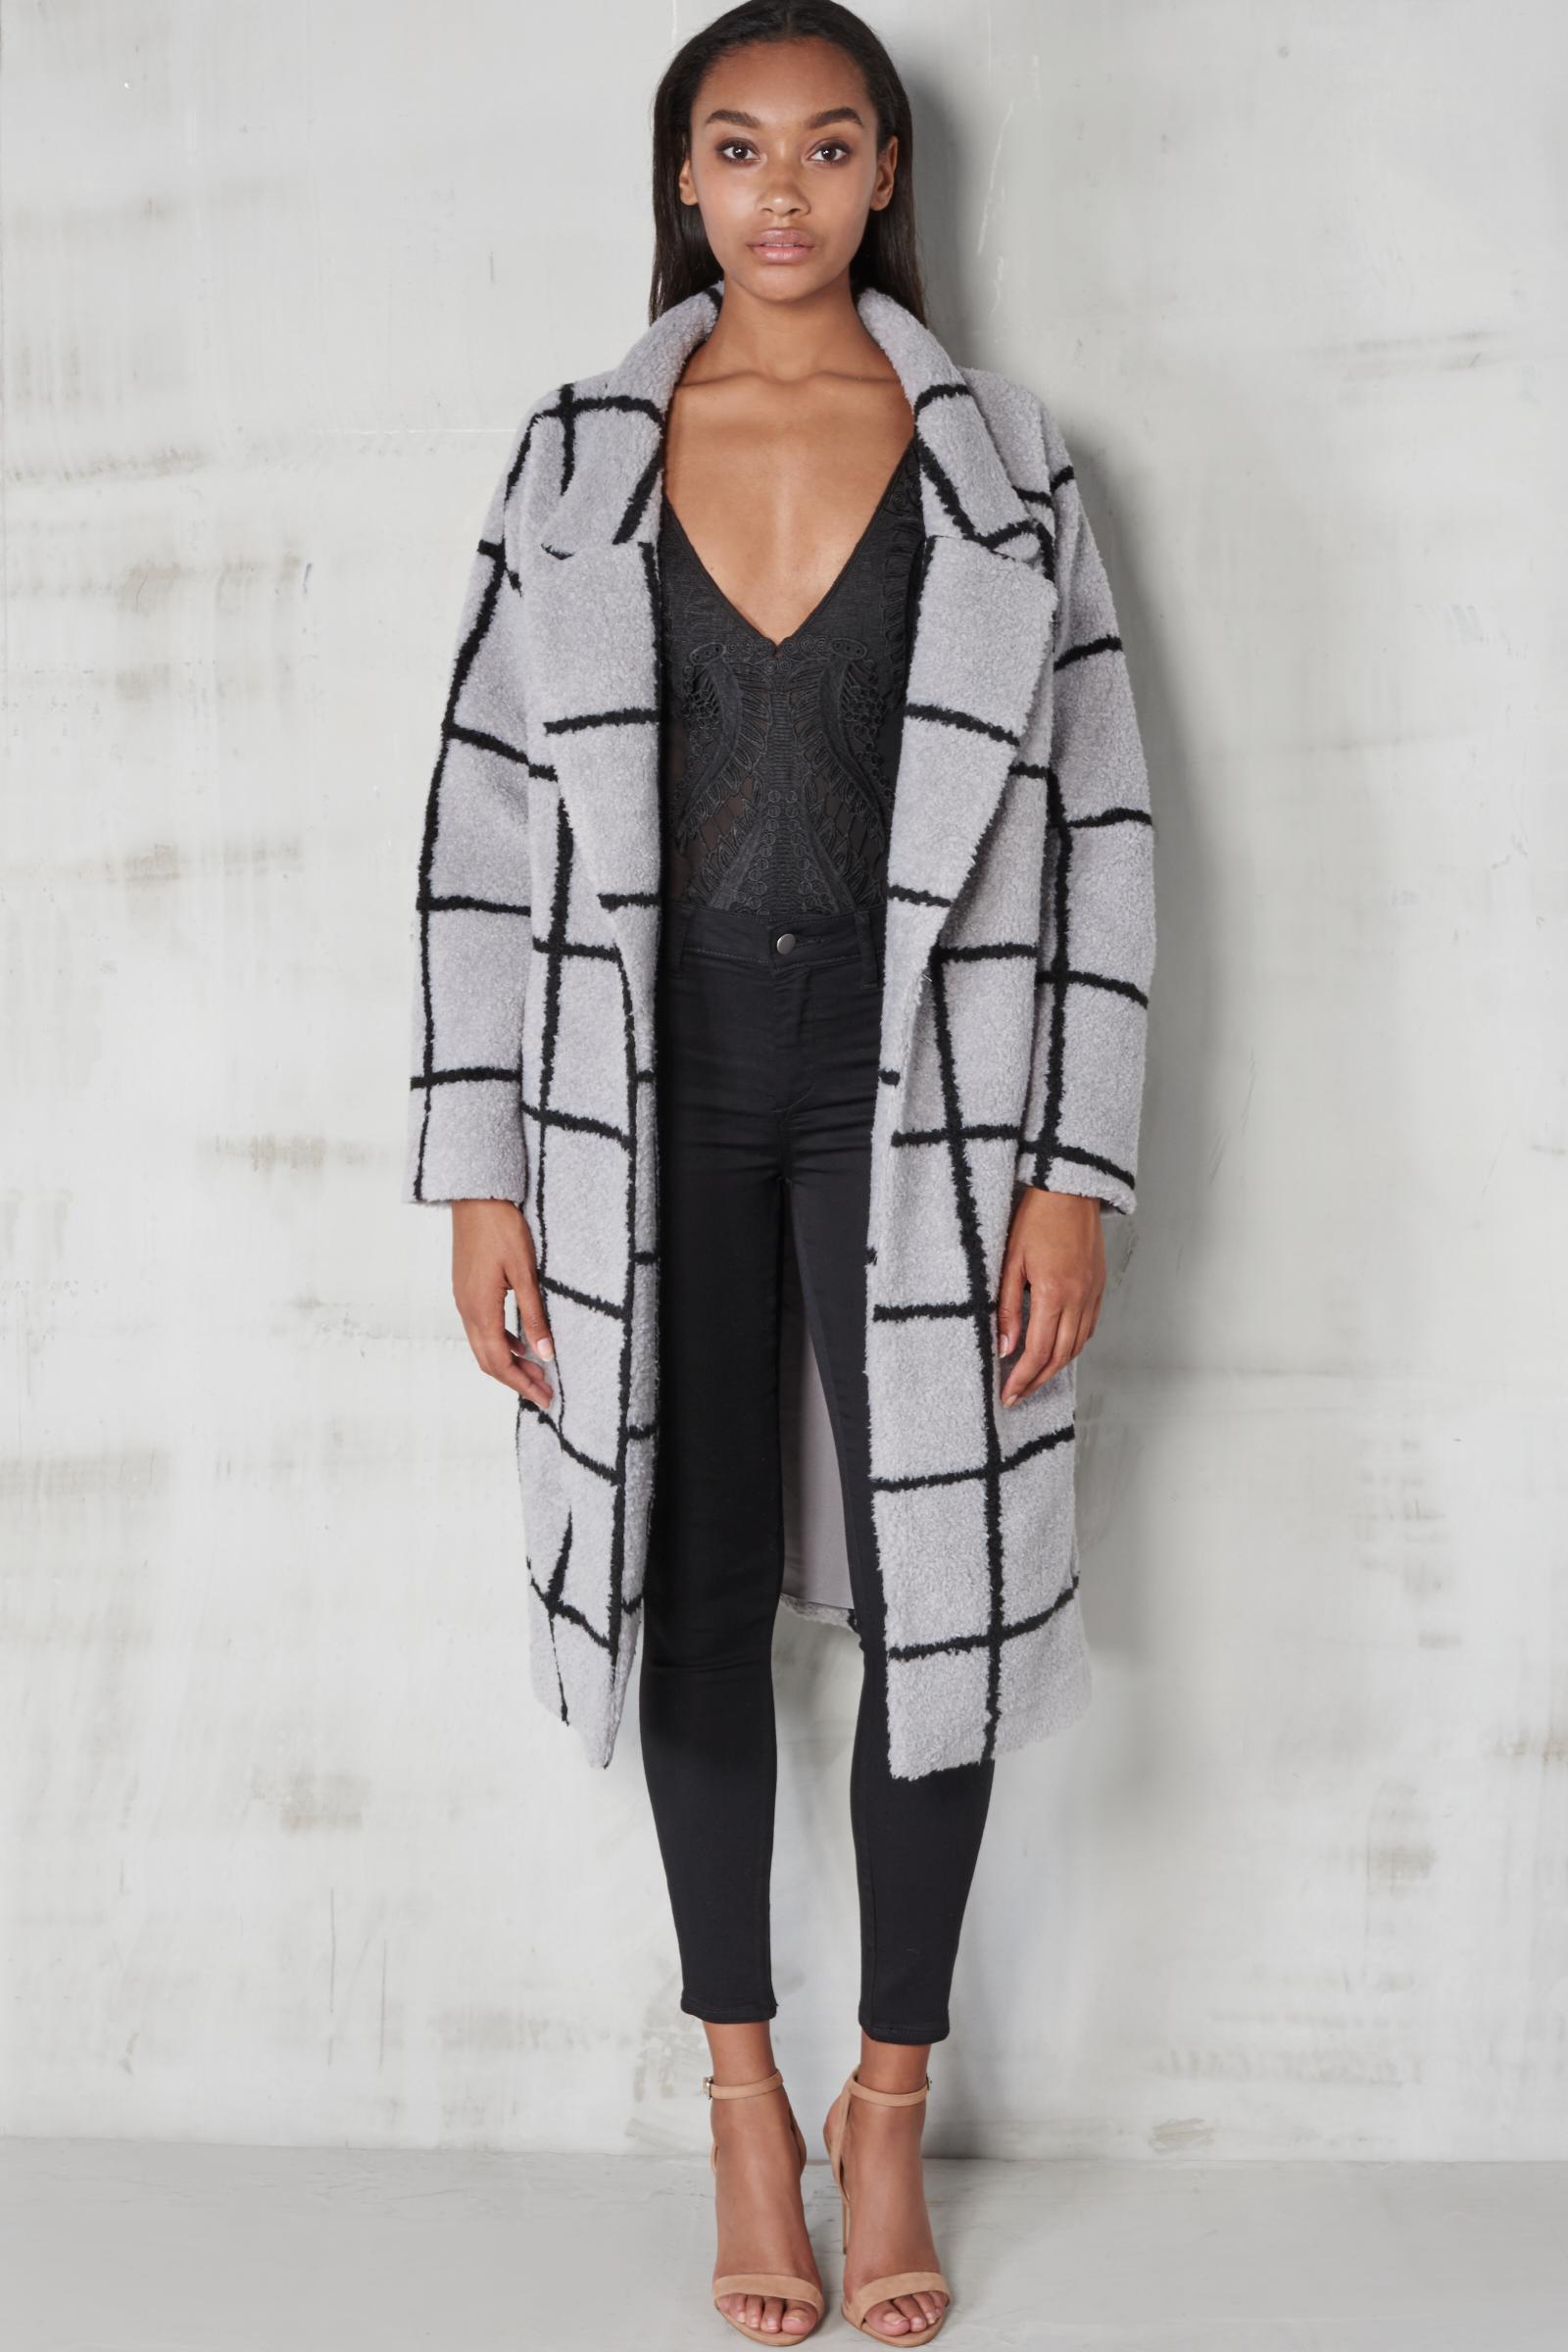 grey oversized check boyfriend coat shop snob mode collection #2: de1370a4ae7e8455f1baa45a114d307b